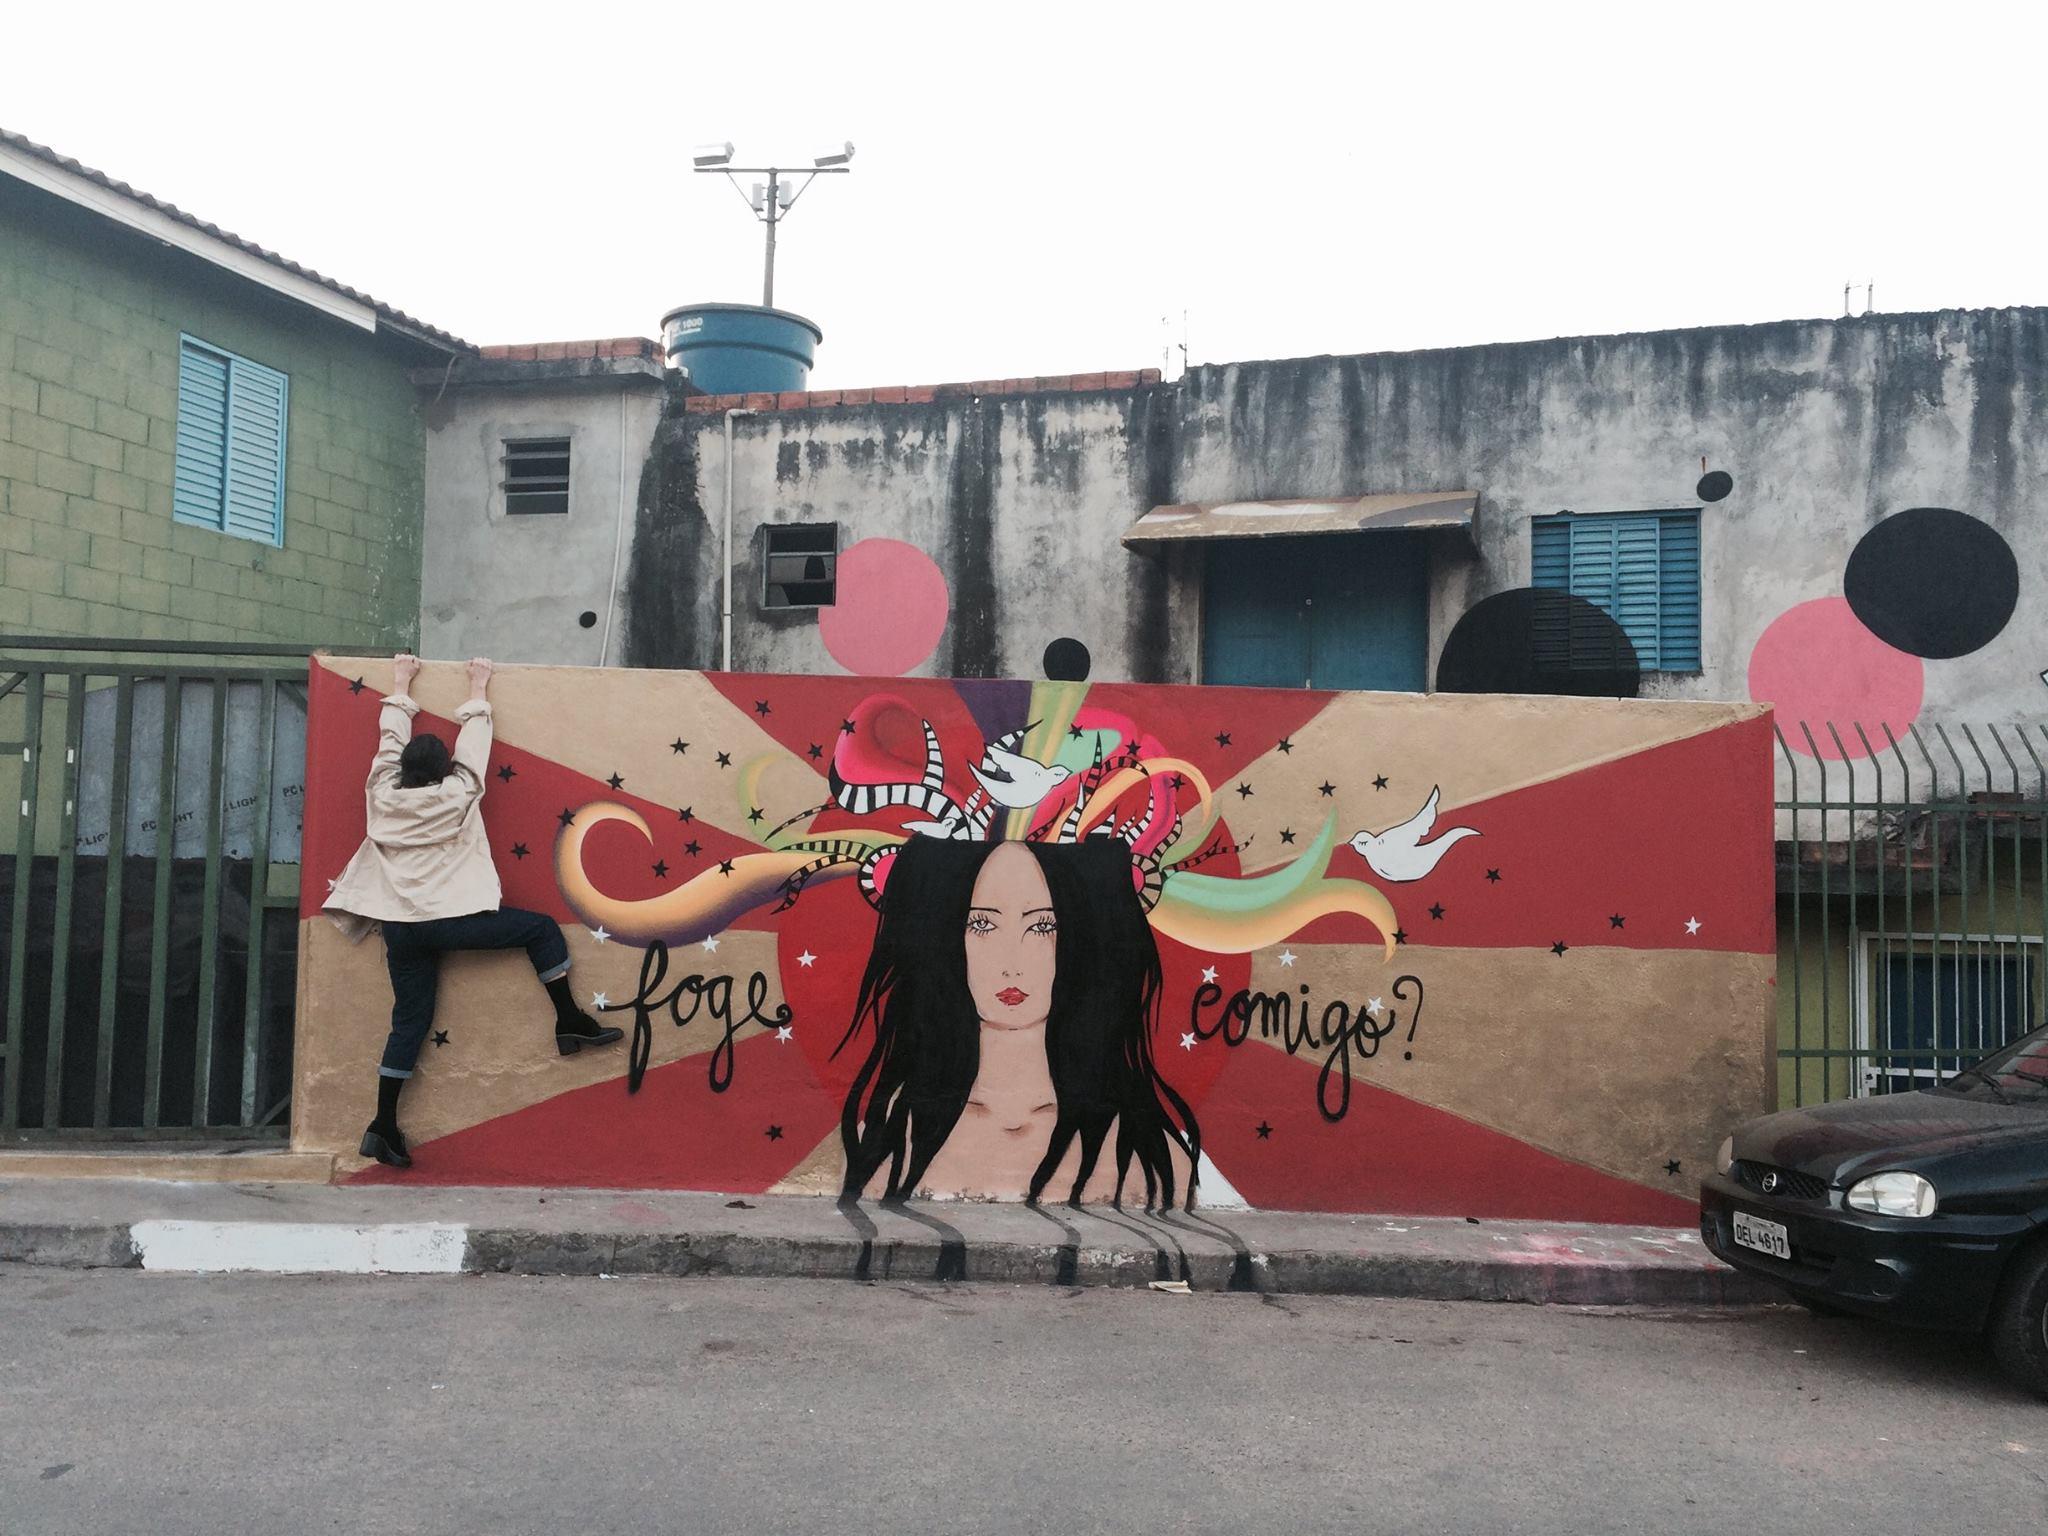 rita-wainer-artista-plastica-ilustração-desenho-pintura-mural-graffiti-dionisio-arte-22